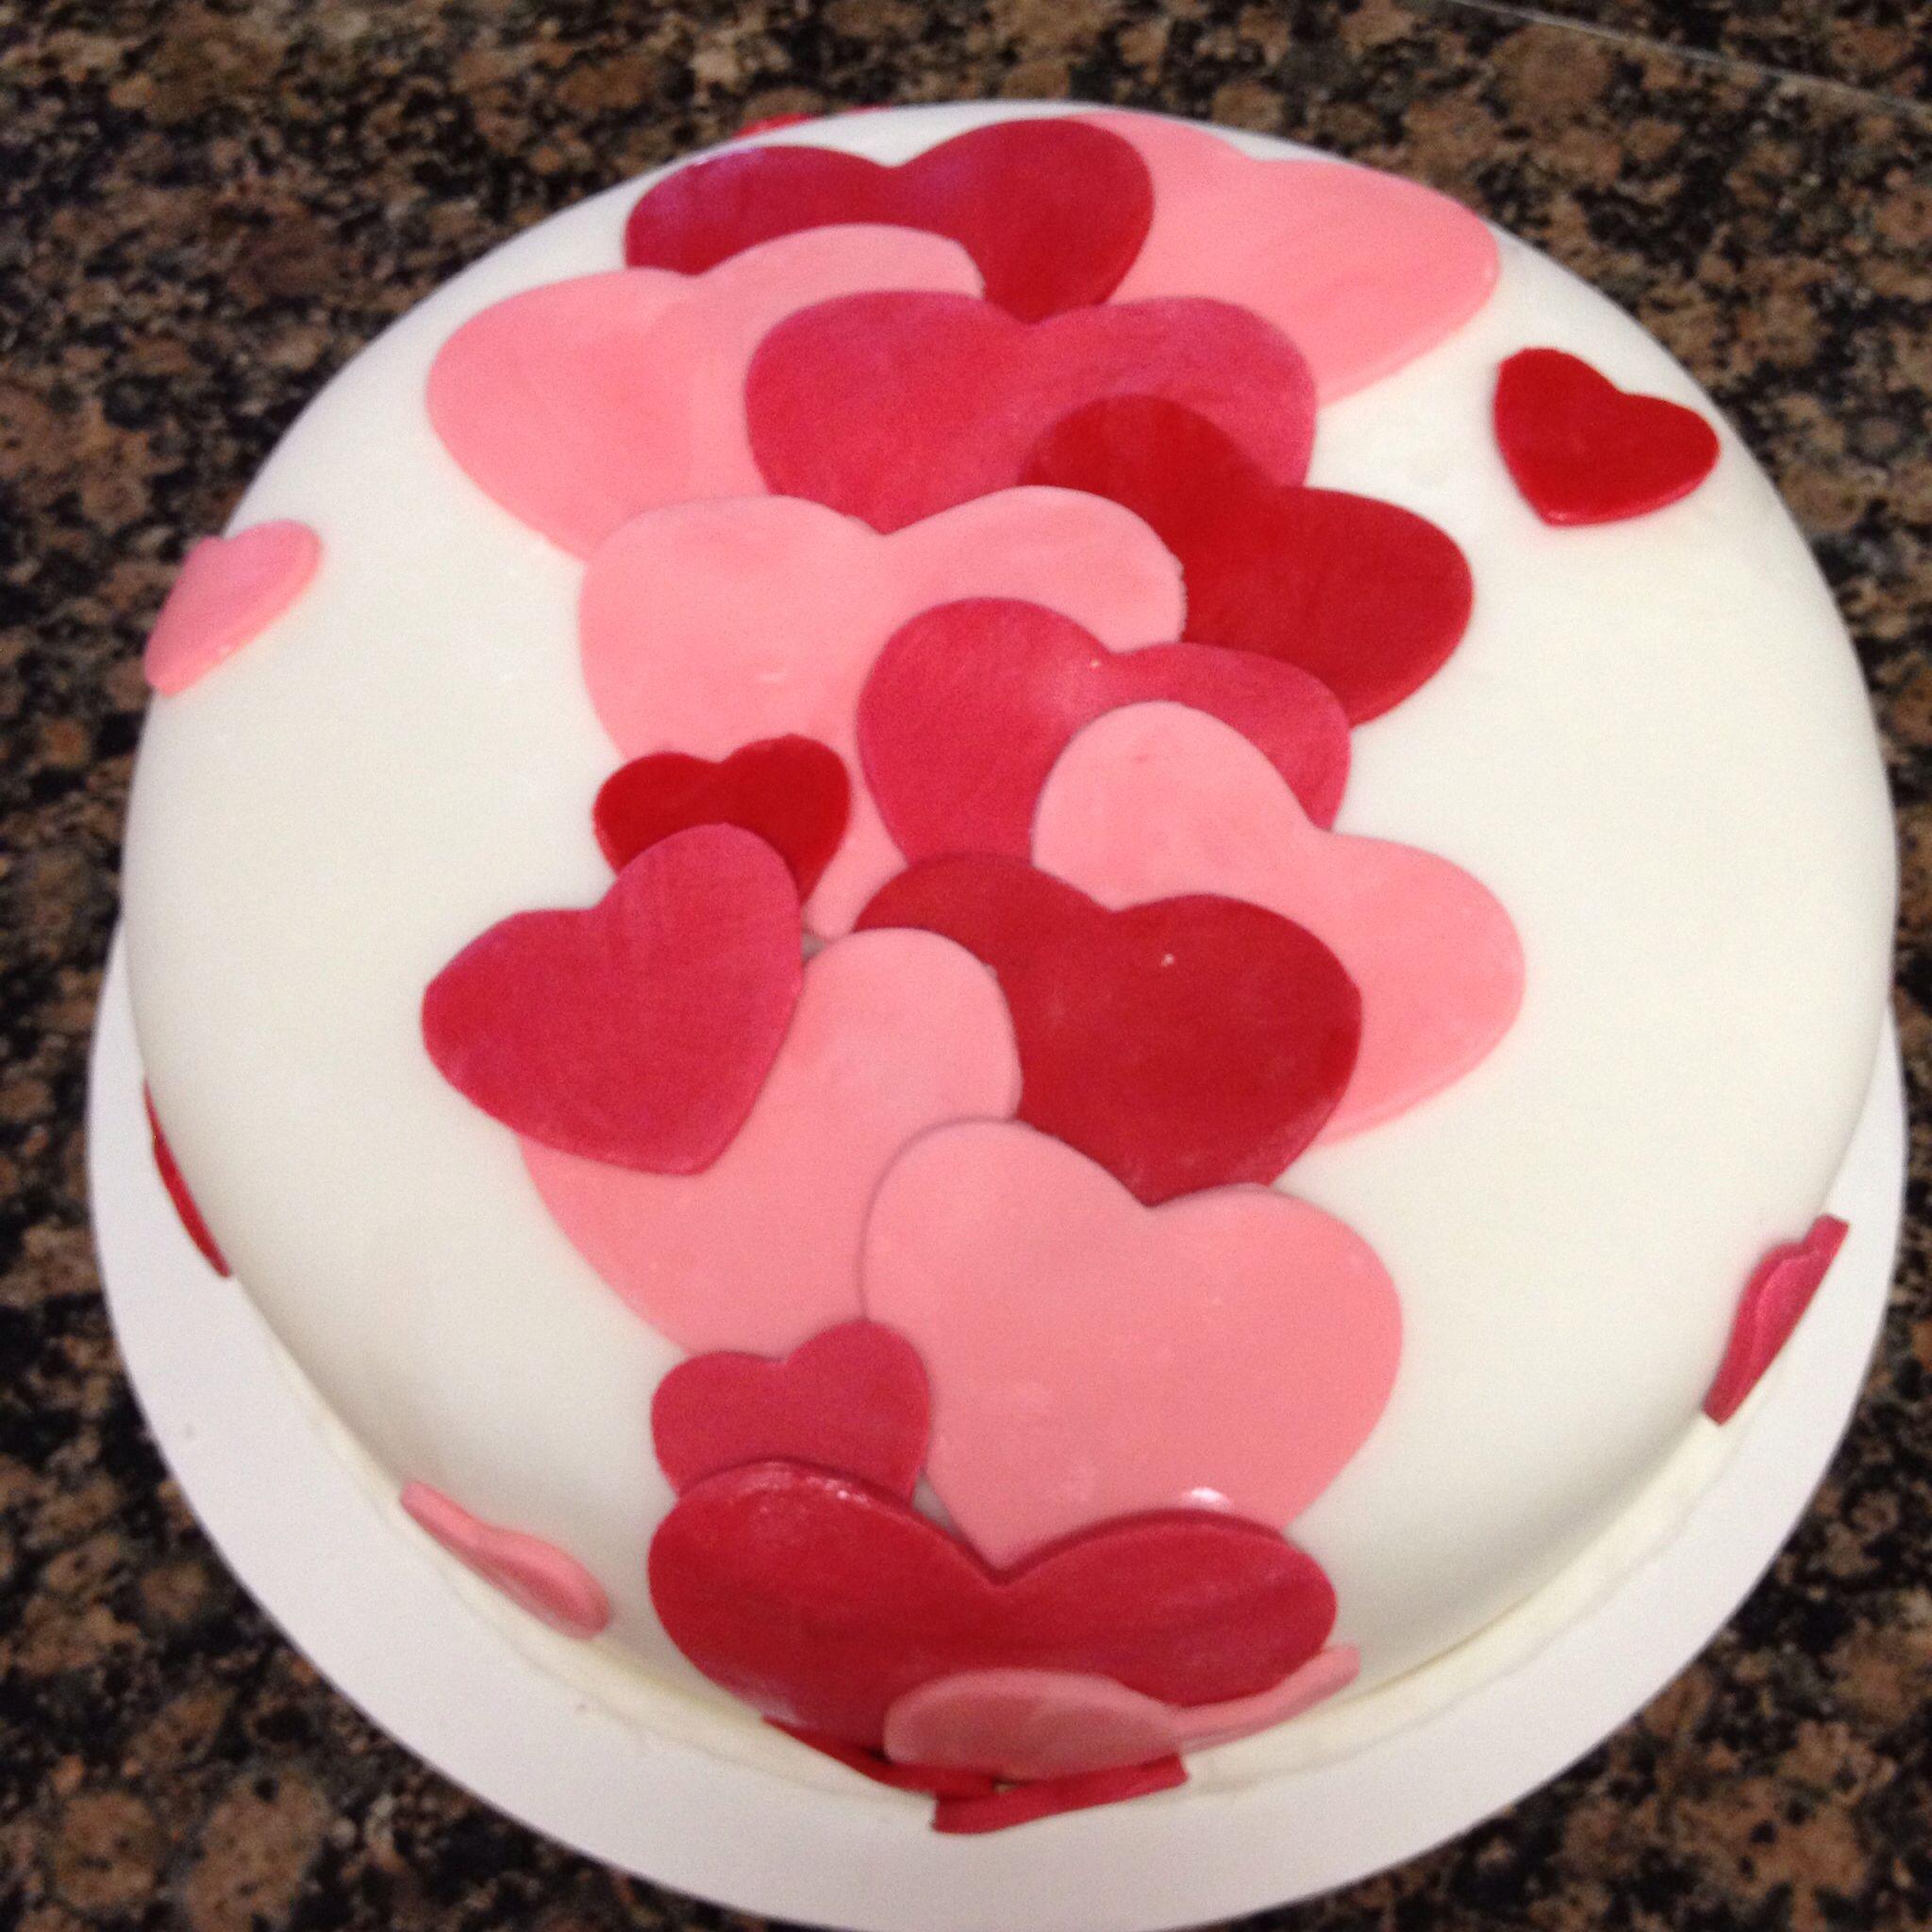 Valentines Heart Cake 8 Round Cake Feeds 8 10 People Fondant